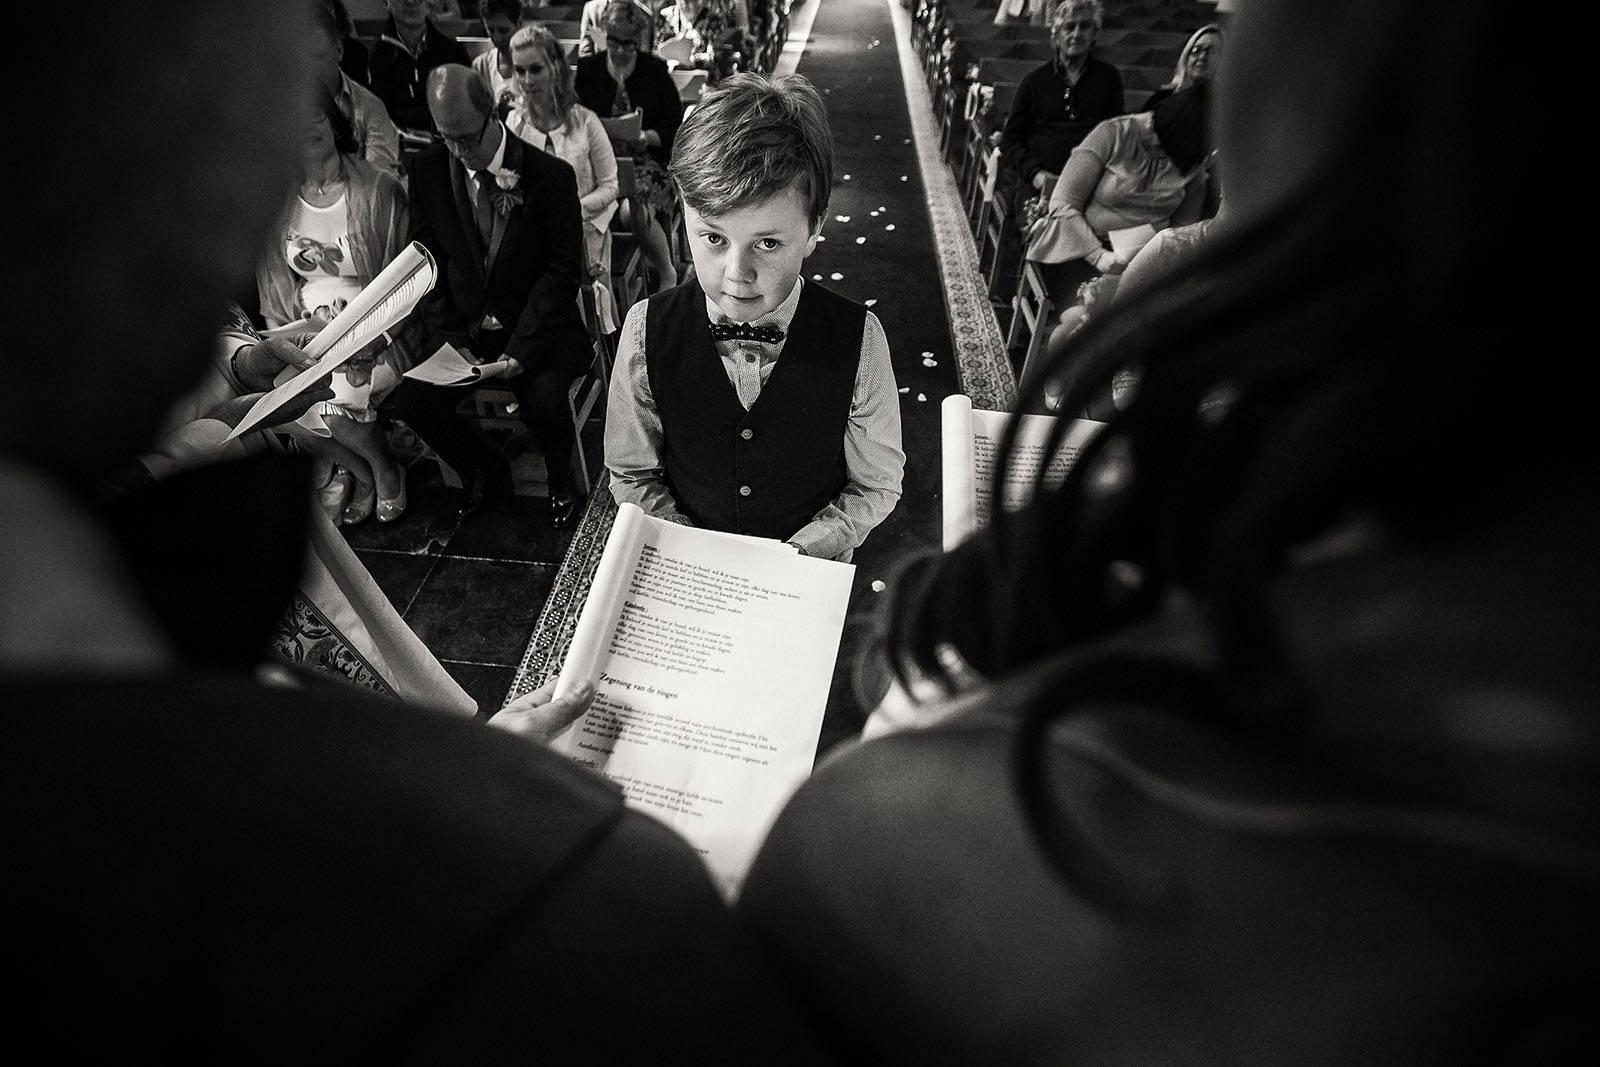 Wondermooi - Trouwfotograaf - Huwelijksfotograaf - Fotograaf - House of Weddings - 9